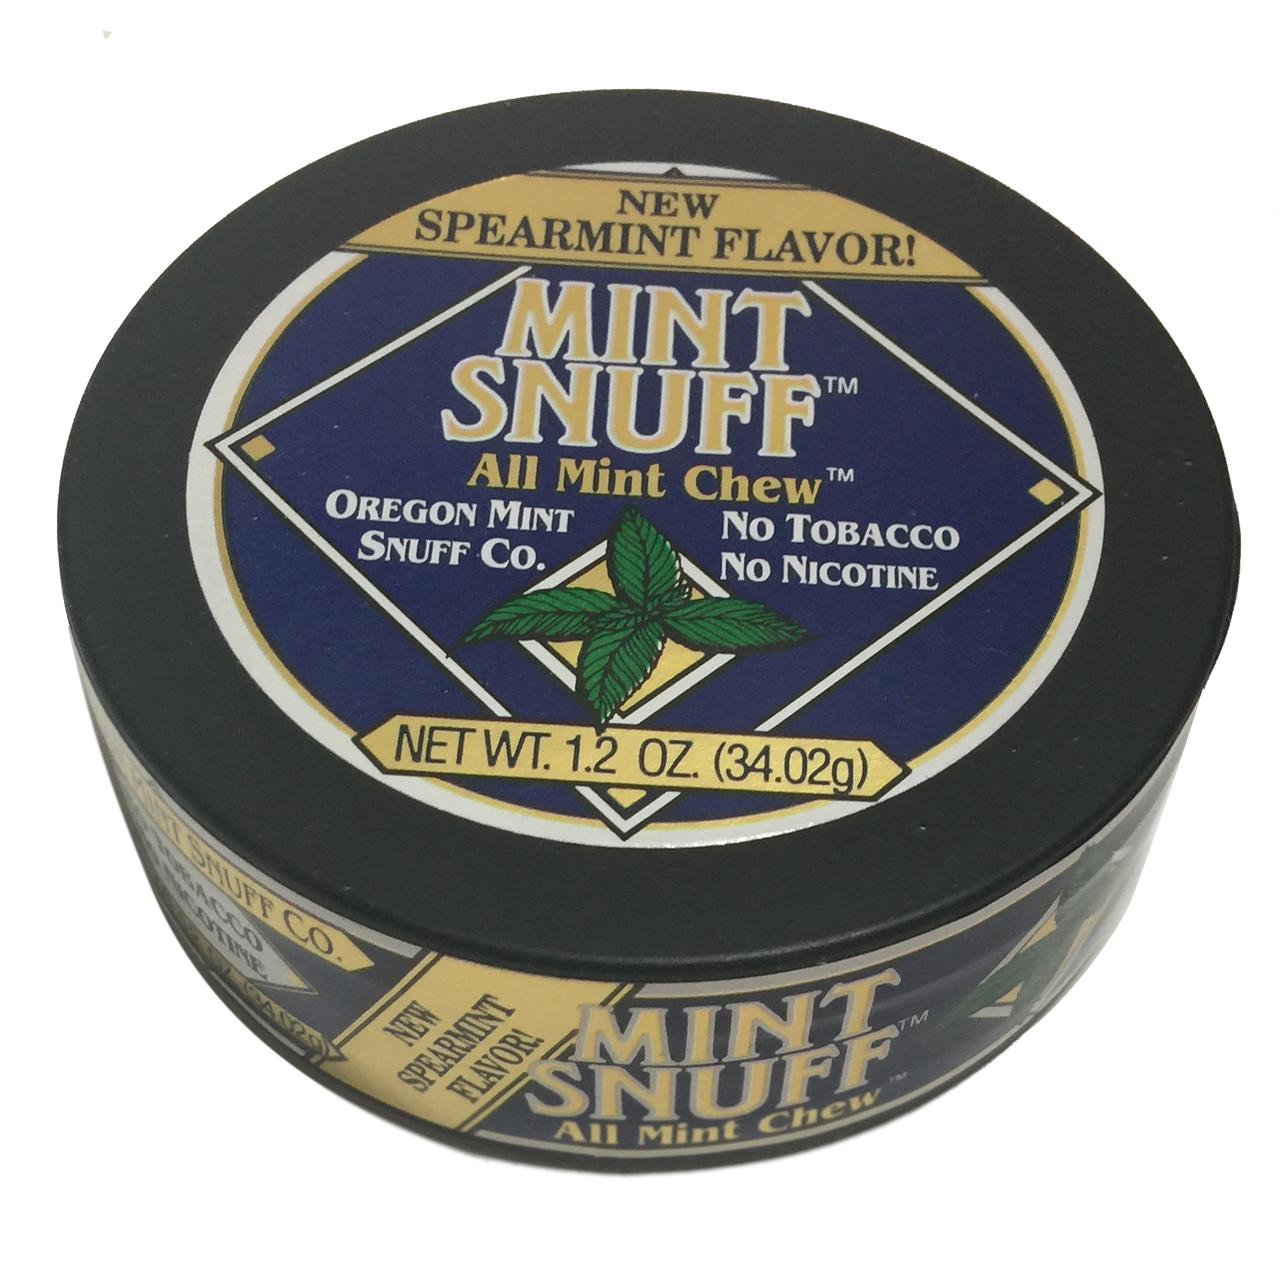 Oregon Mint Snuff Spearmint 1 Can